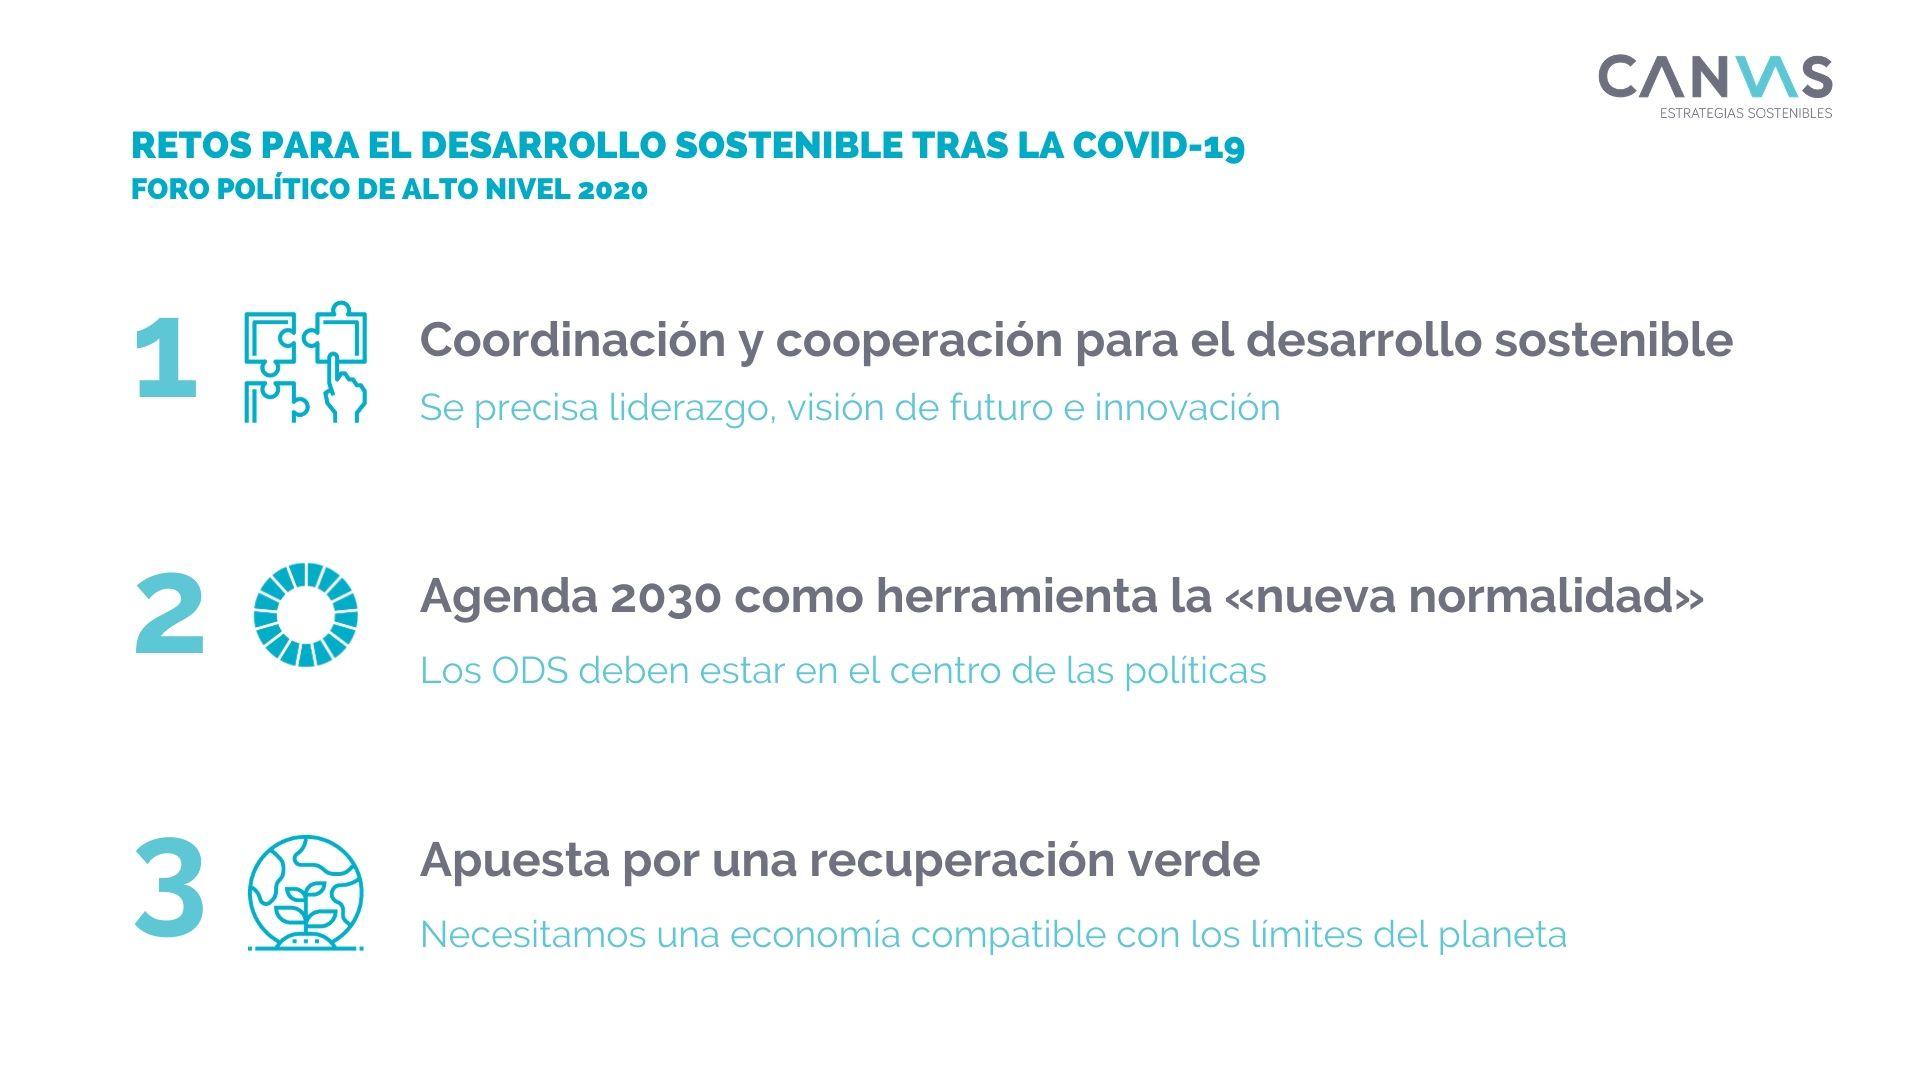 Agenda 2030 Retos